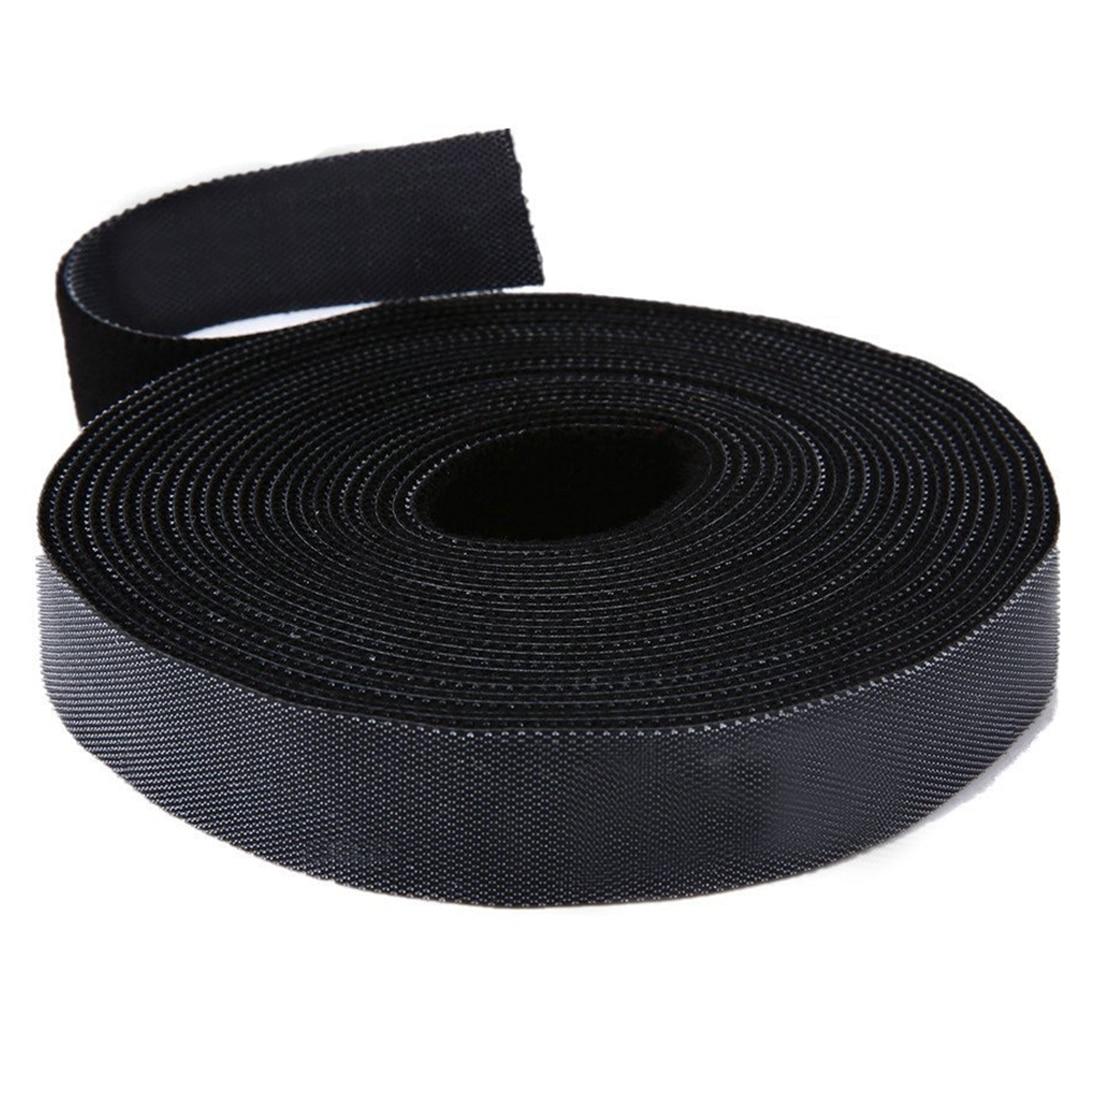 Long Fastening Tape 2cm One Wrap Hook Loop Fastening Tape Cable Ties 5M Black